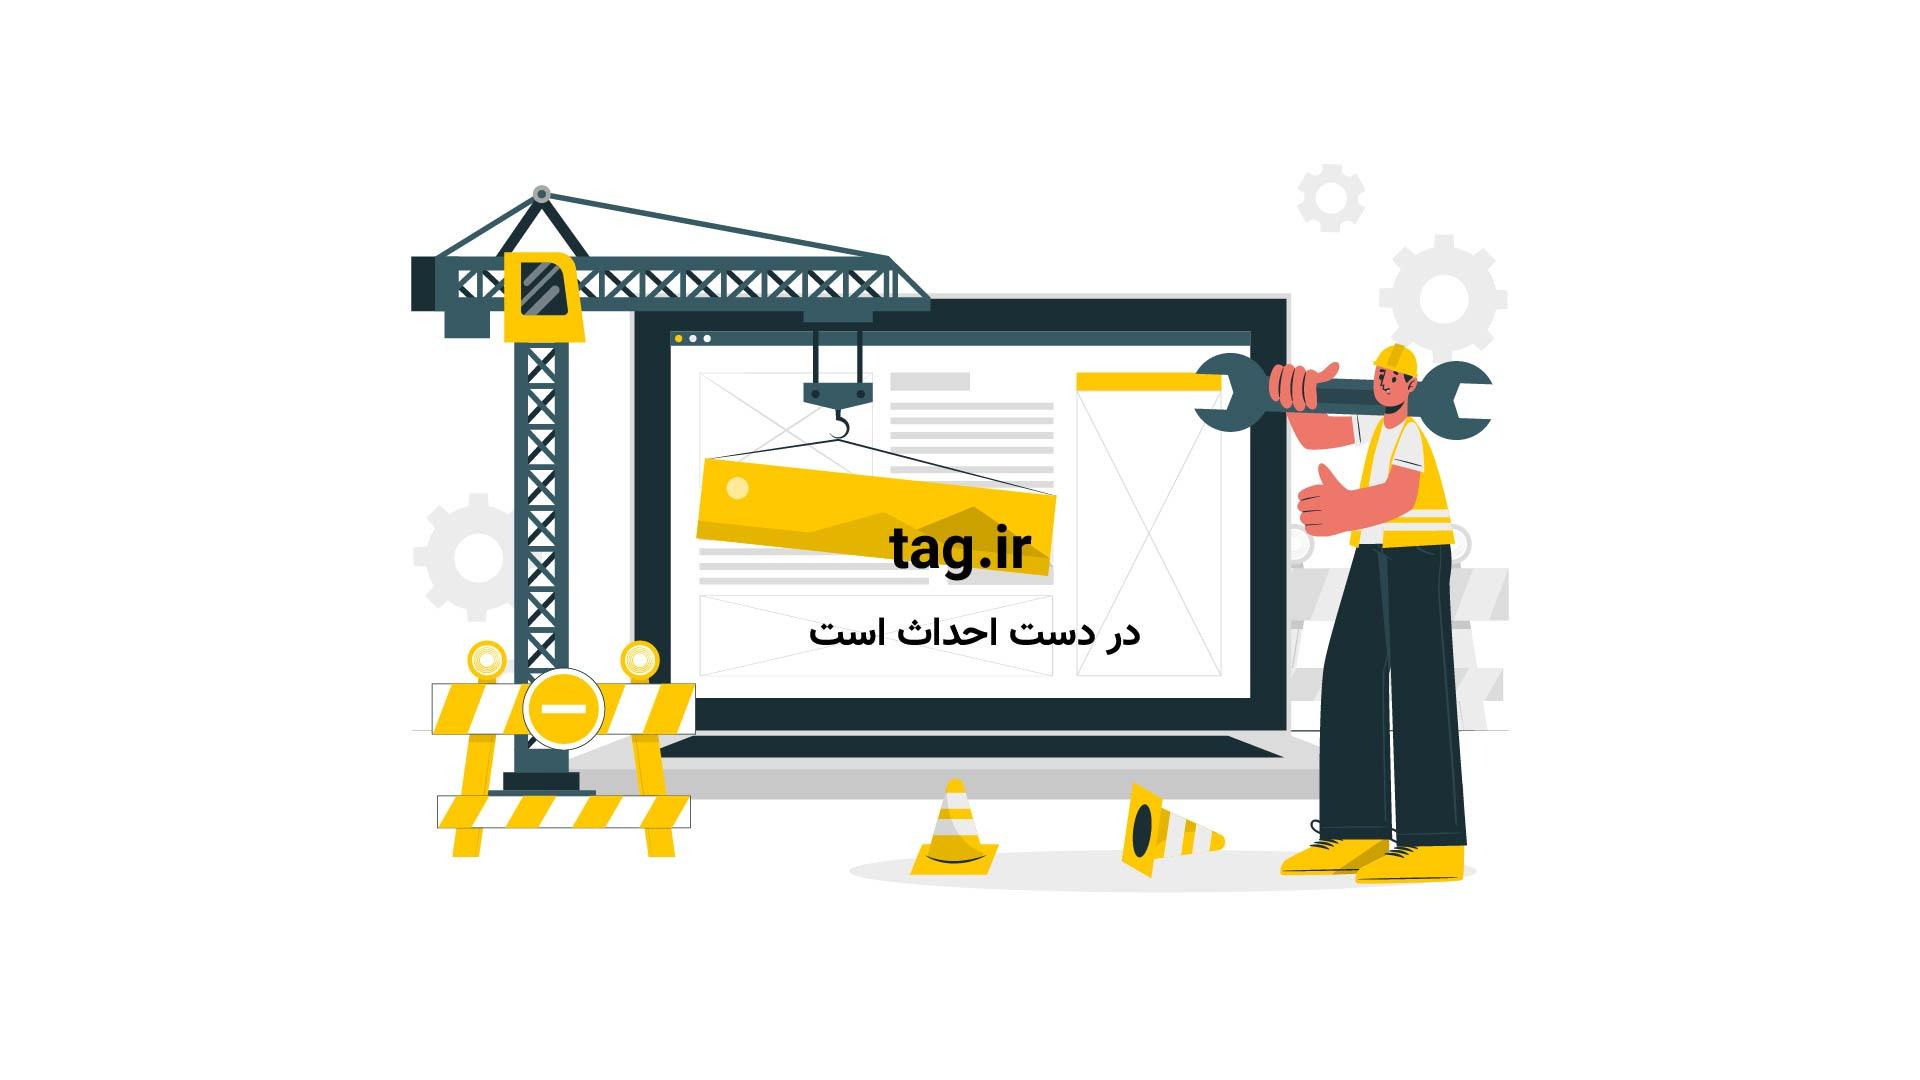 کودک و گربه | تگ